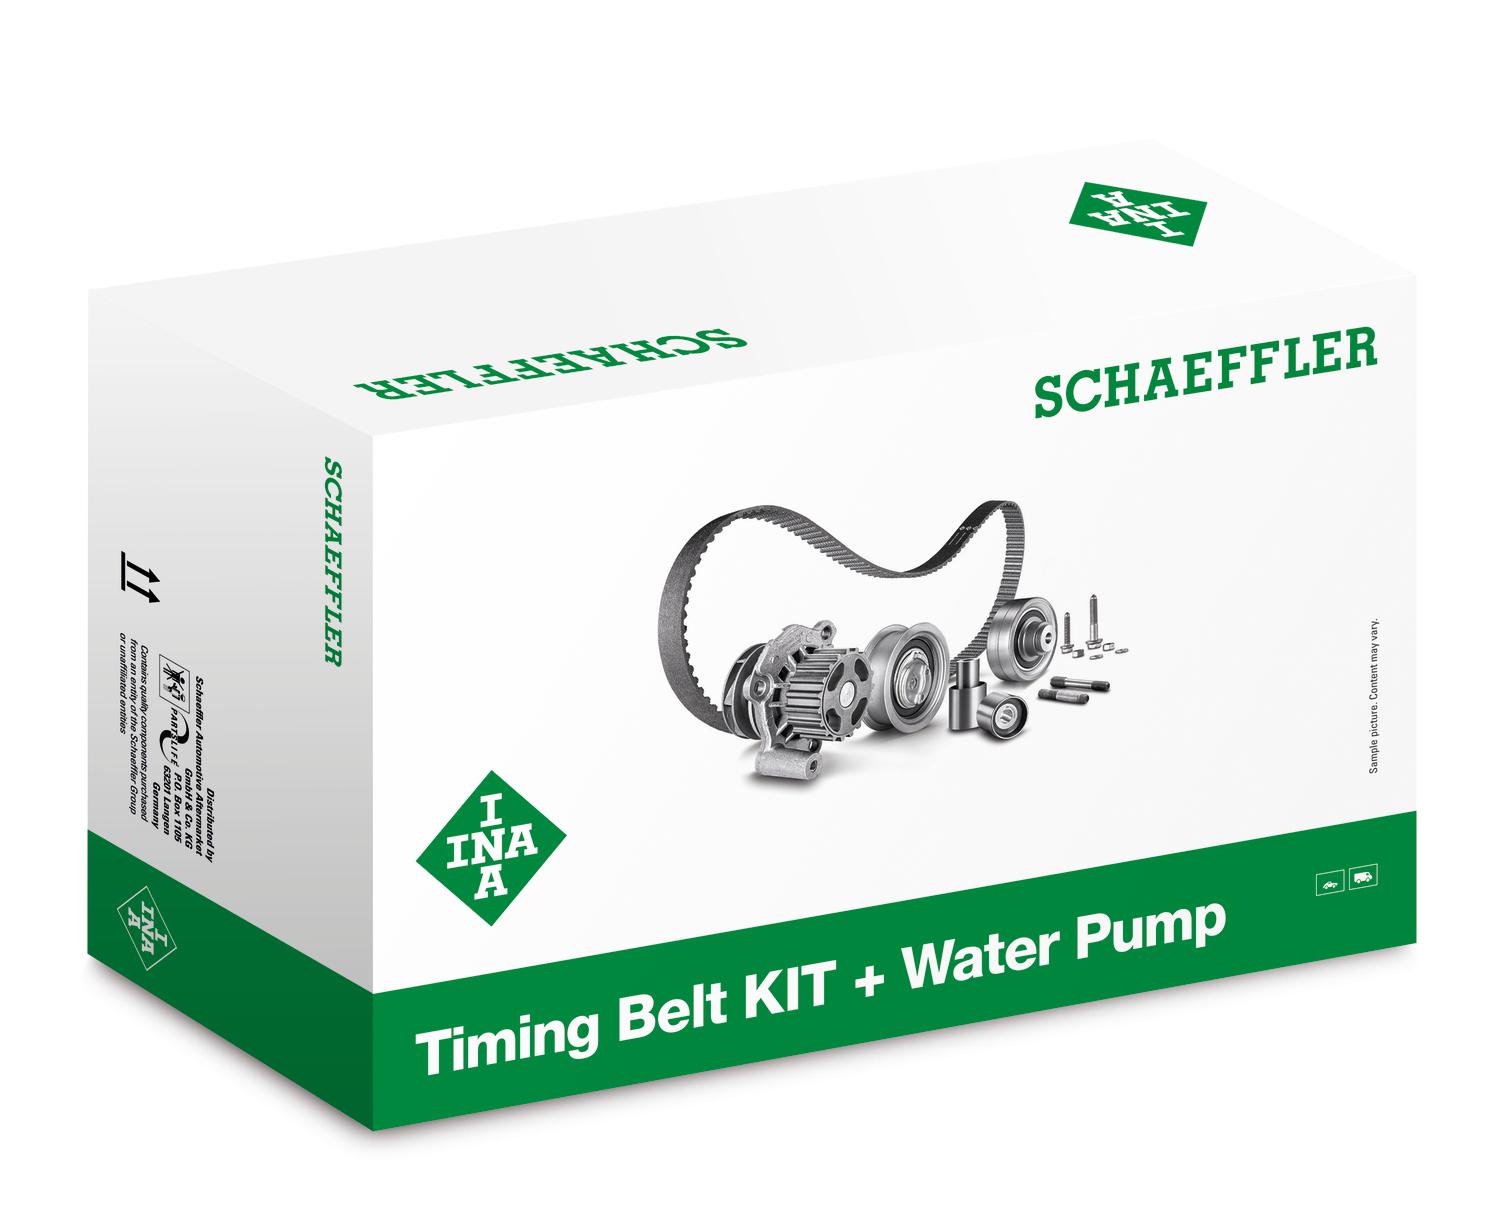 kit Schaeffler INA n° 530019732.